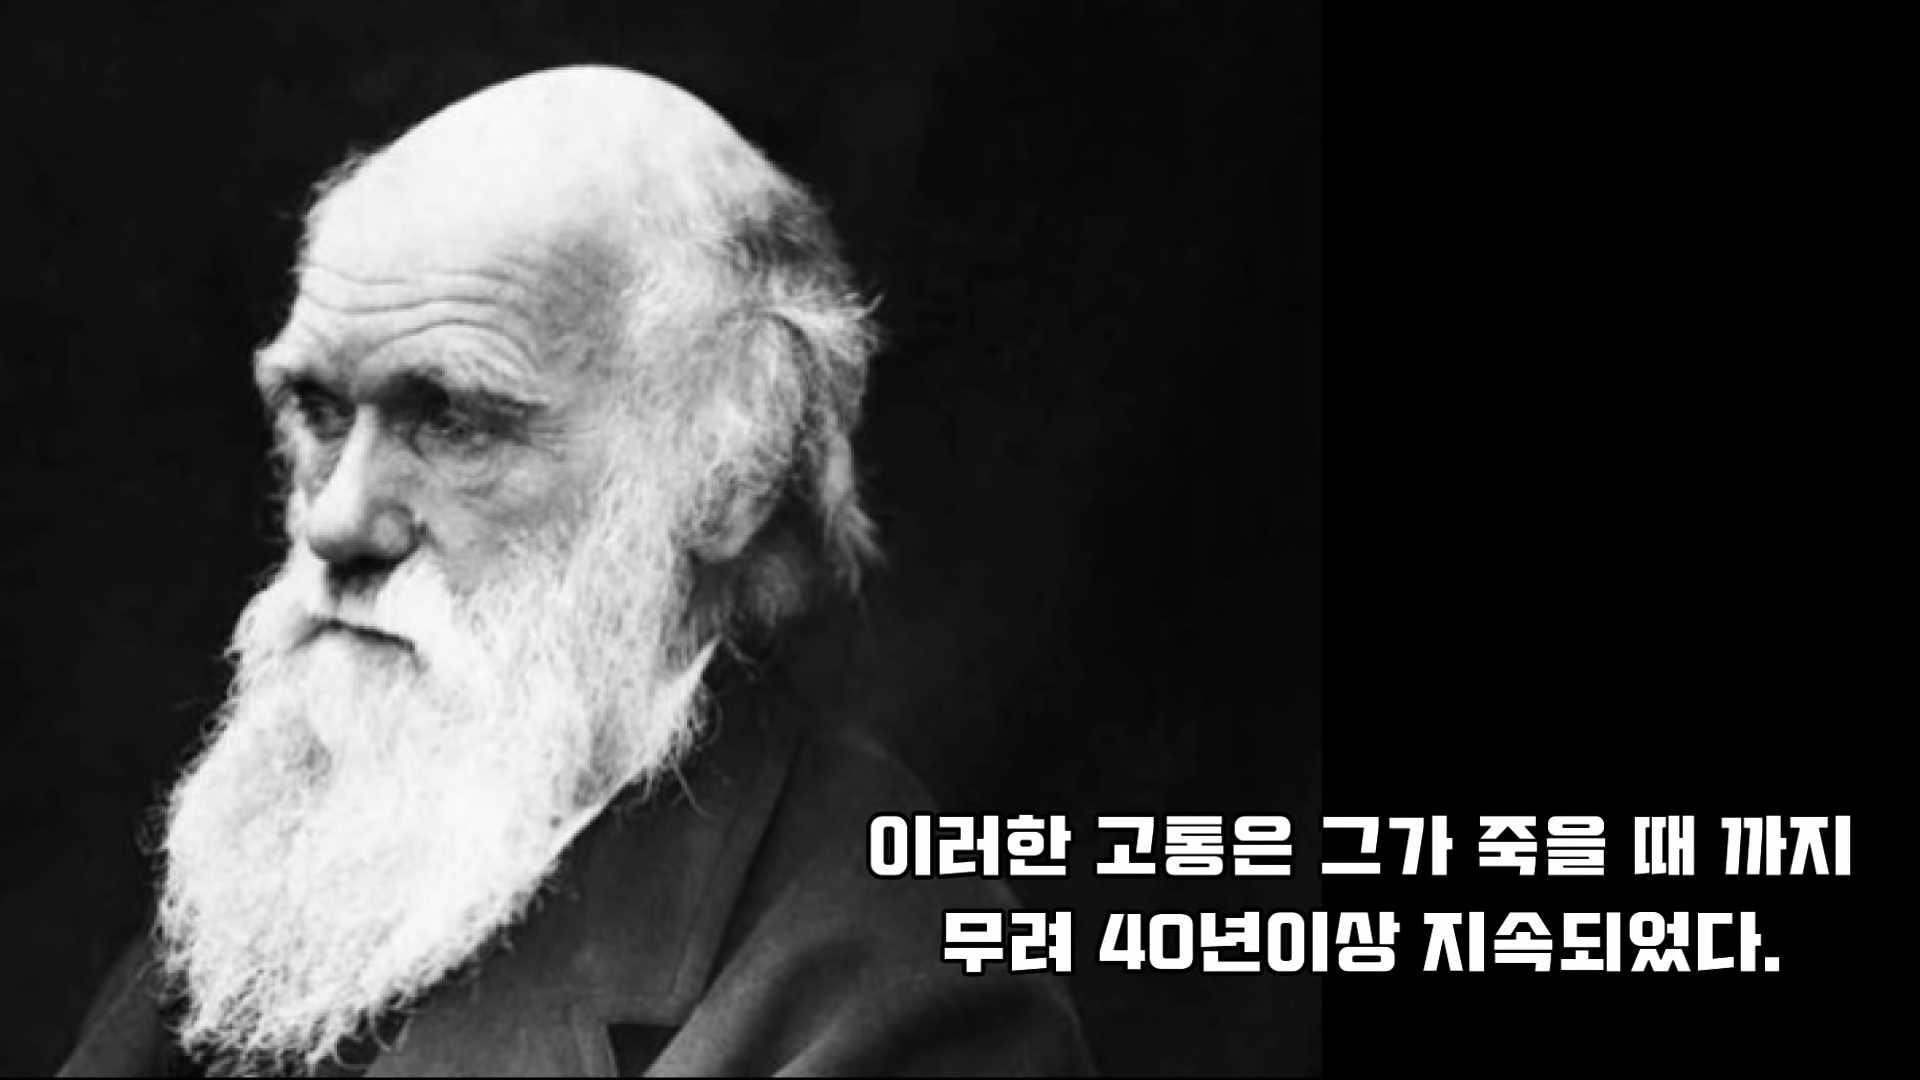 찰스 다윈의 인생과 그의 정신병.mp4_000384194.jpg